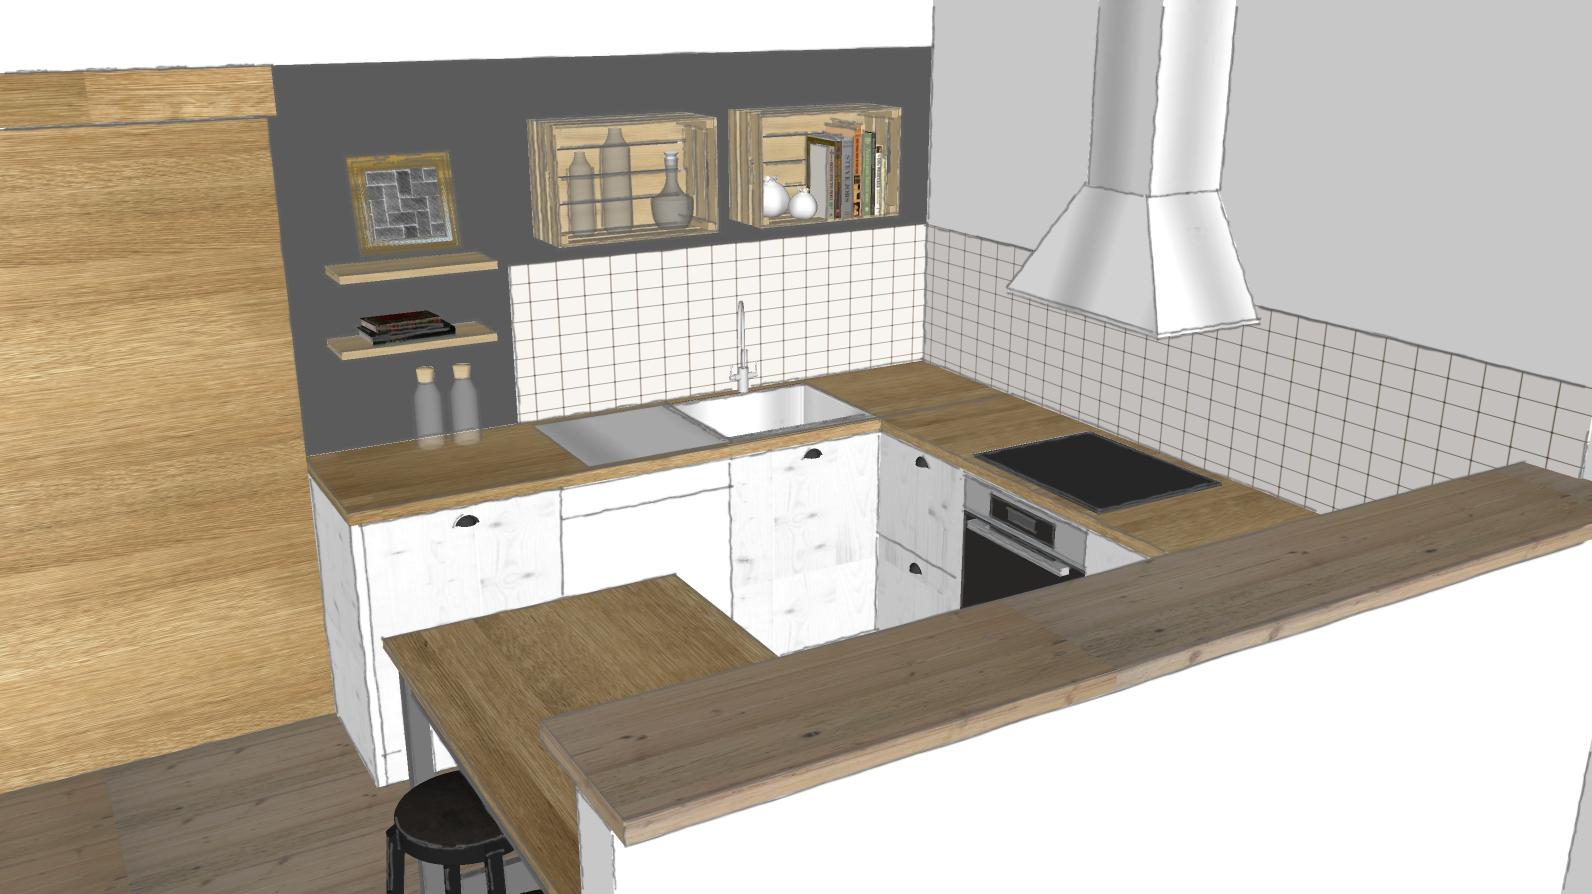 Küchengestaltung Plaung